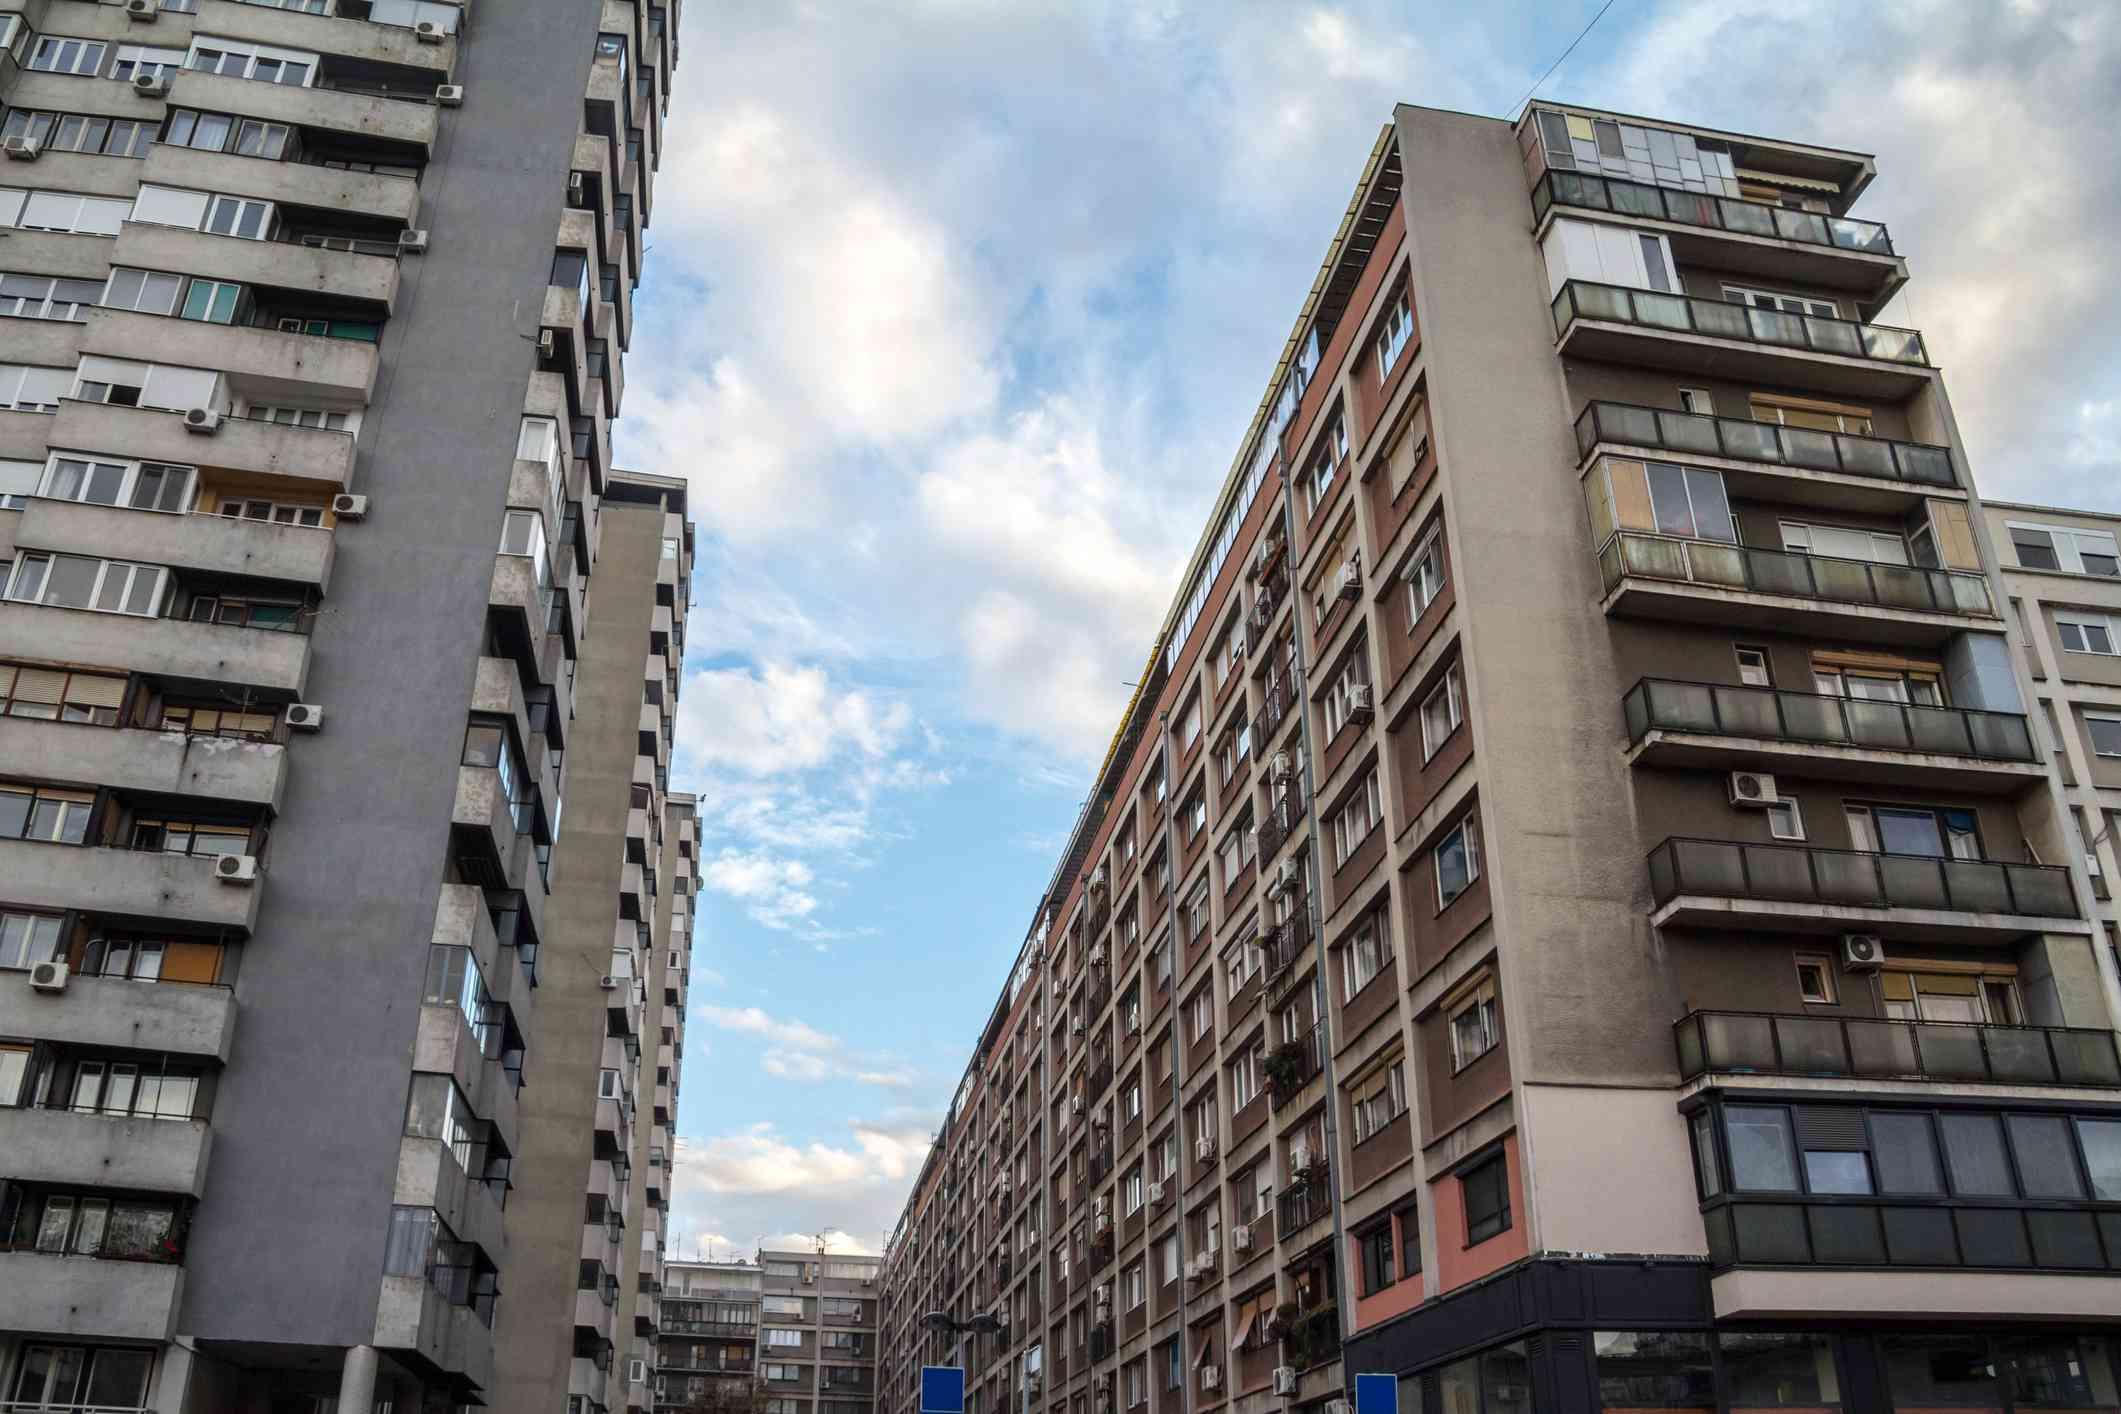 Brutalist-style Communist housing in Belgrade, Serbia